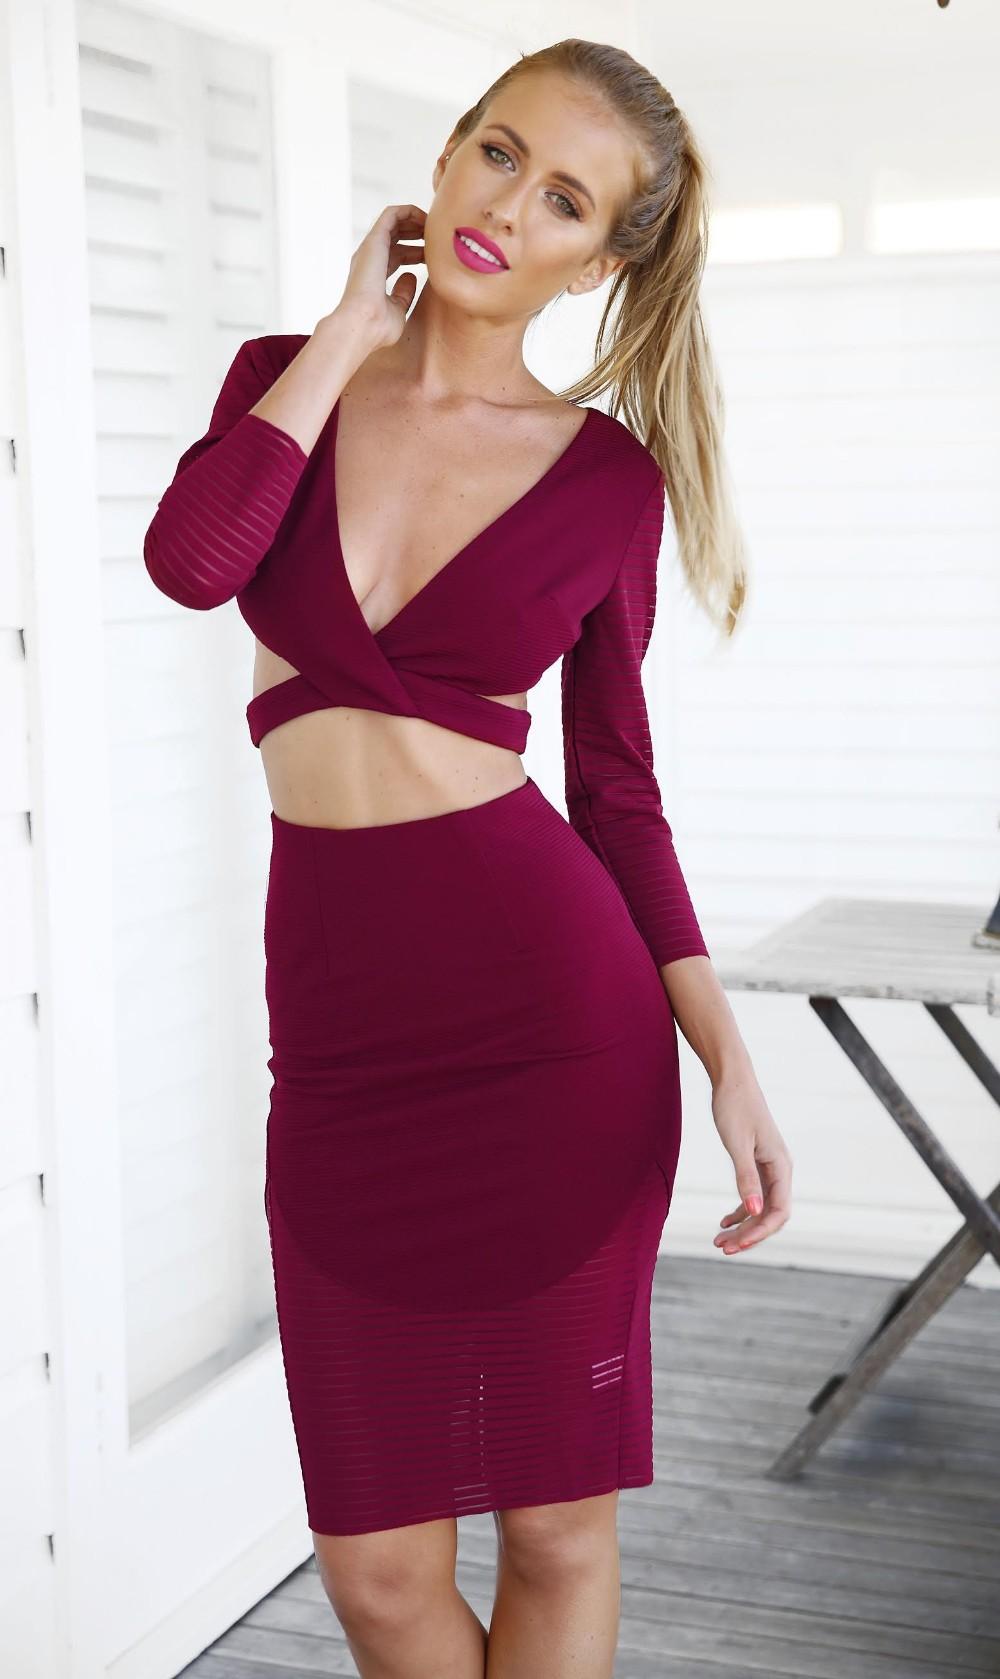 skirt_2_1